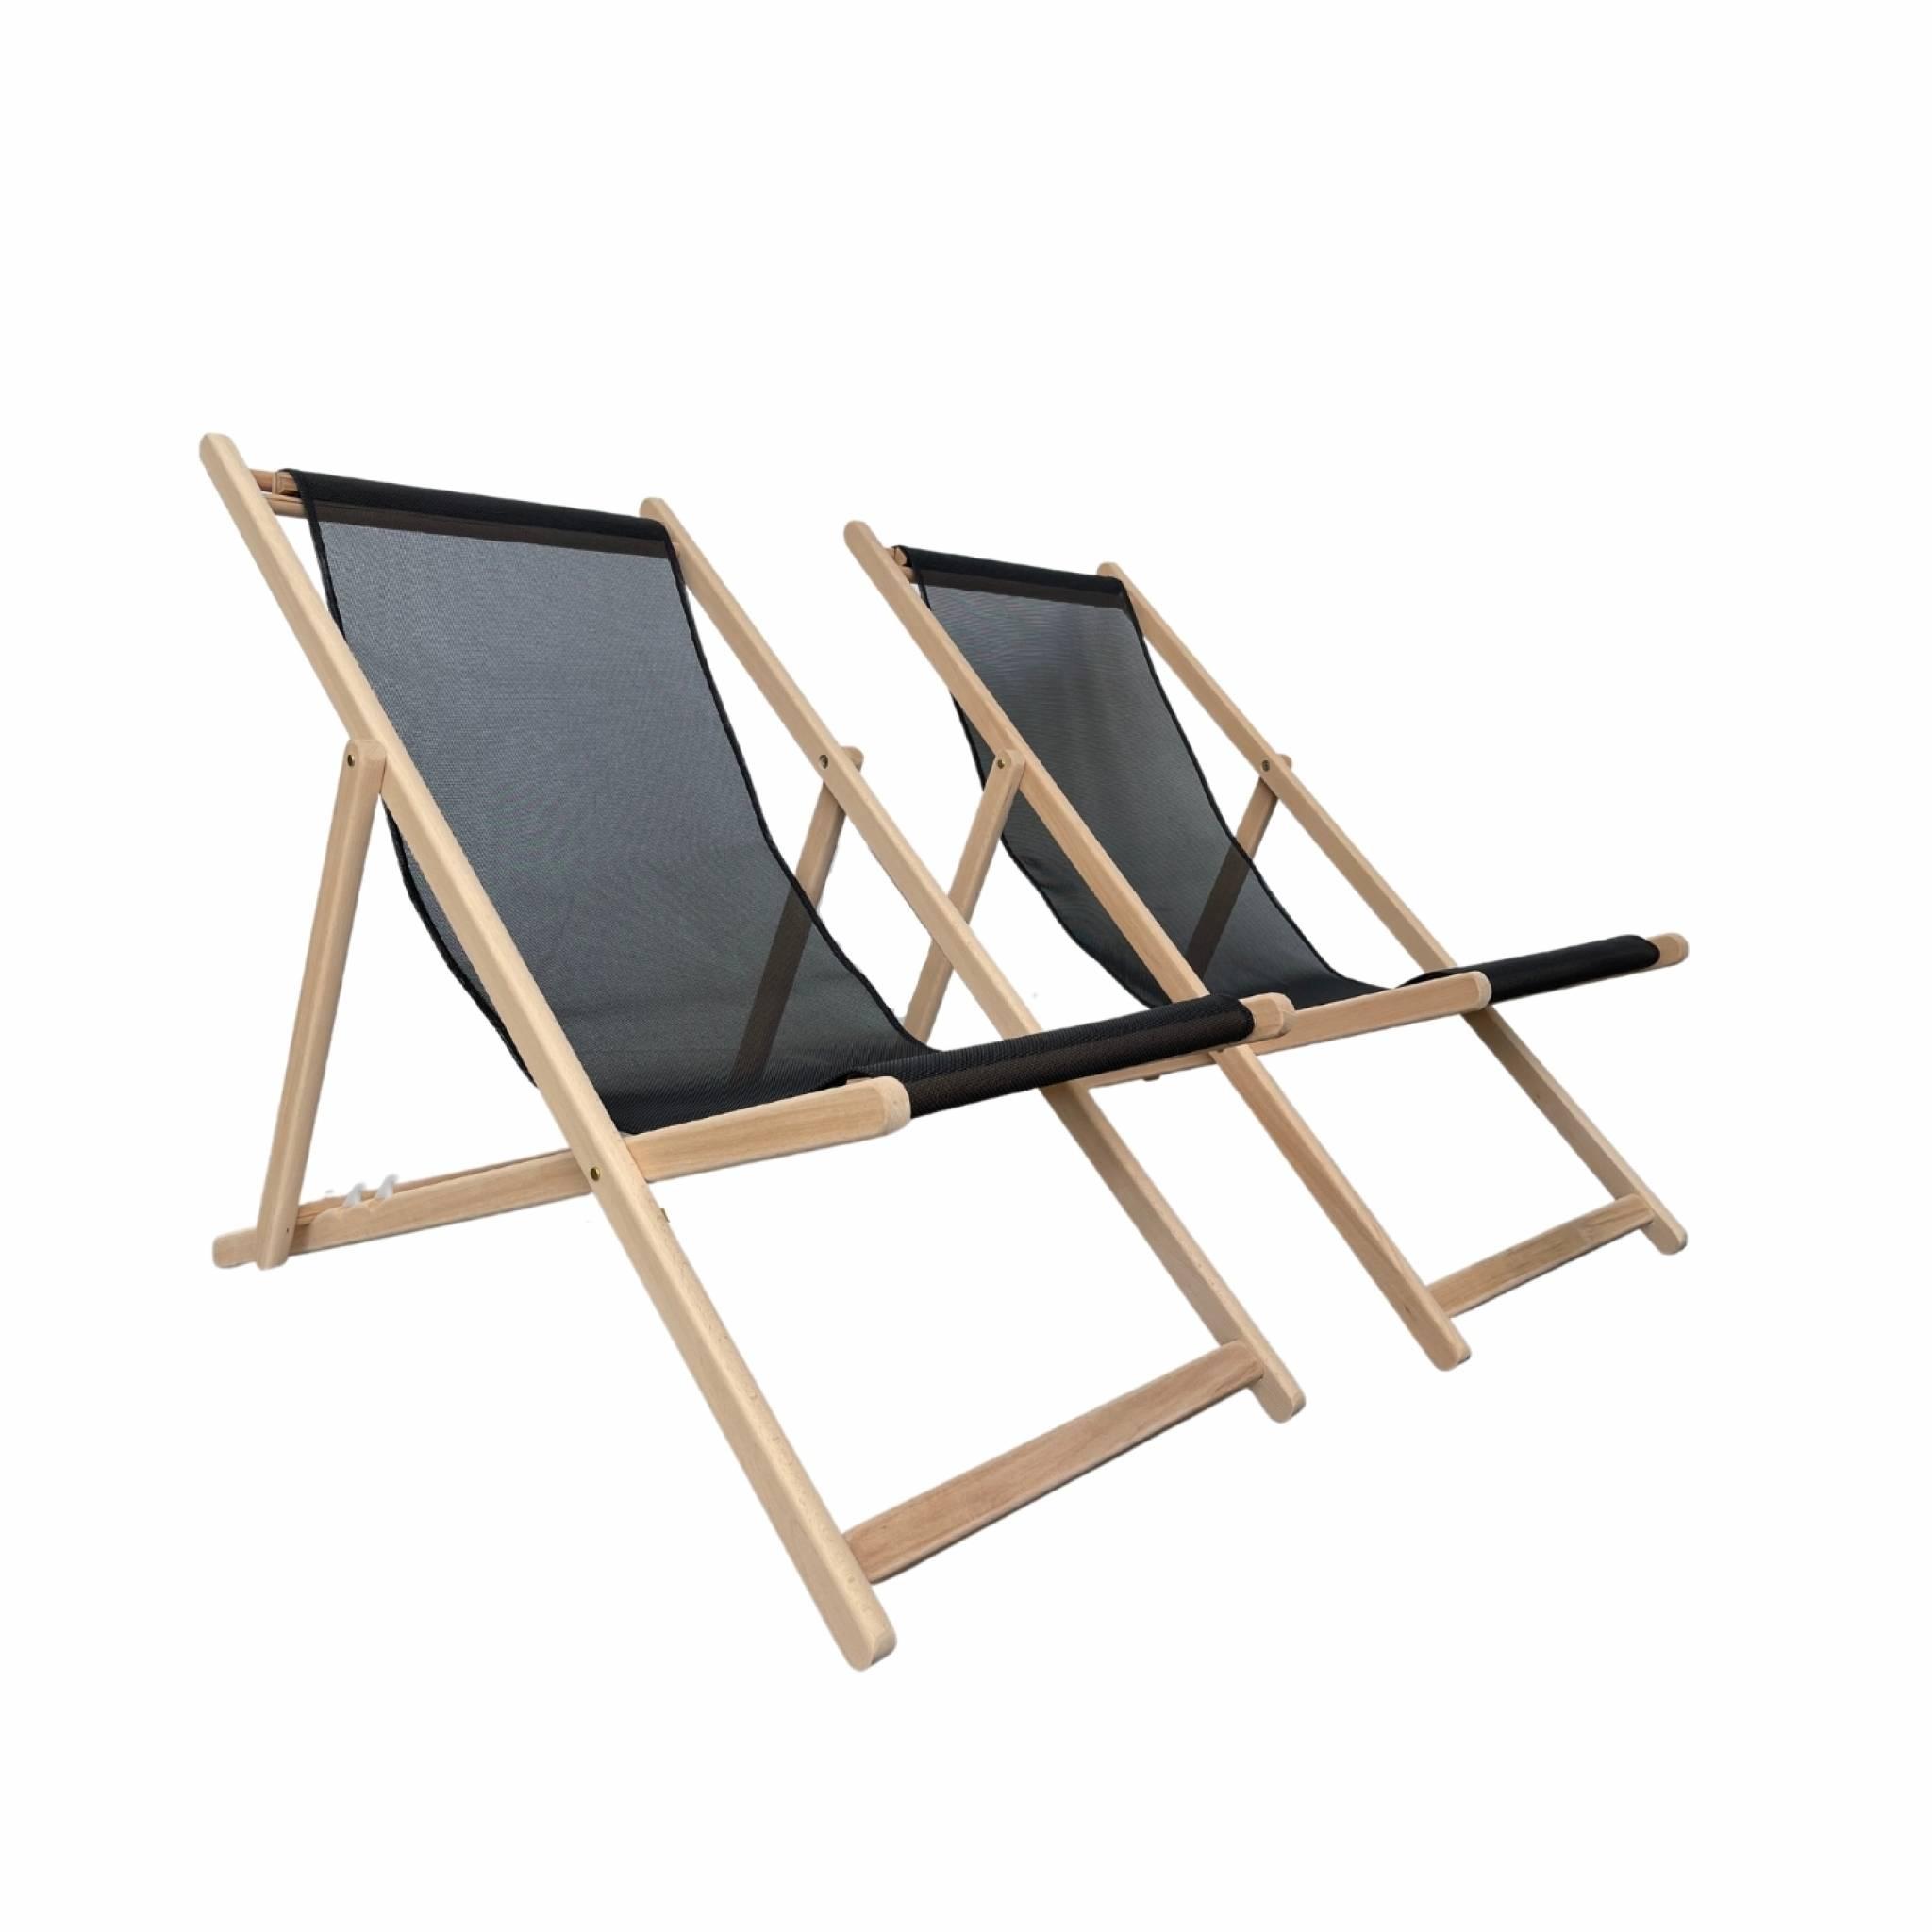 2 bains de soleil en bois de hêtre et textile batyline